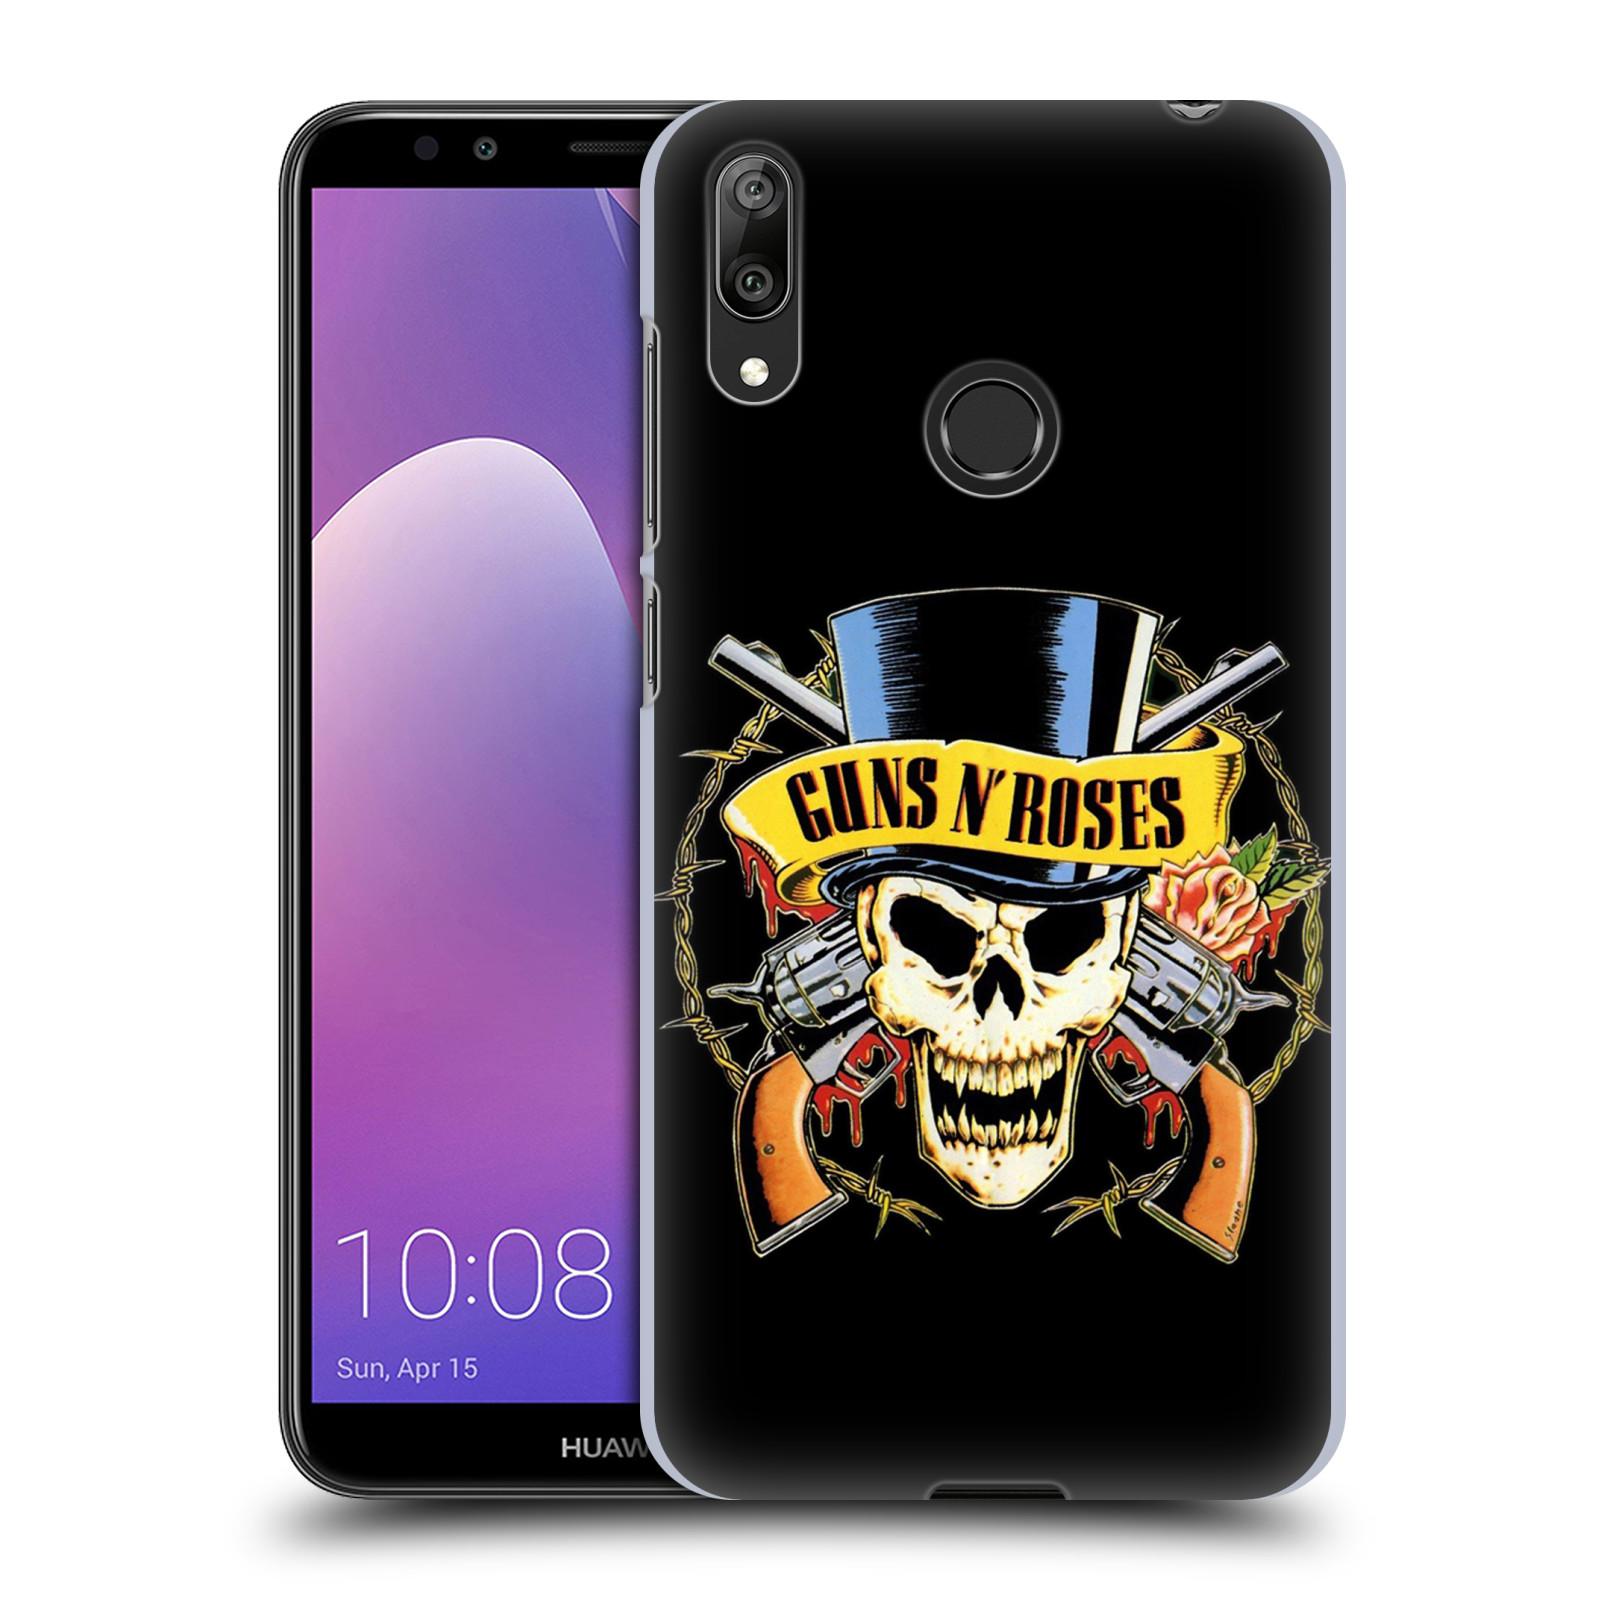 Plastové pouzdro na mobil Huawei Y7 (2019) - Head Case - Guns N' Roses - Lebka